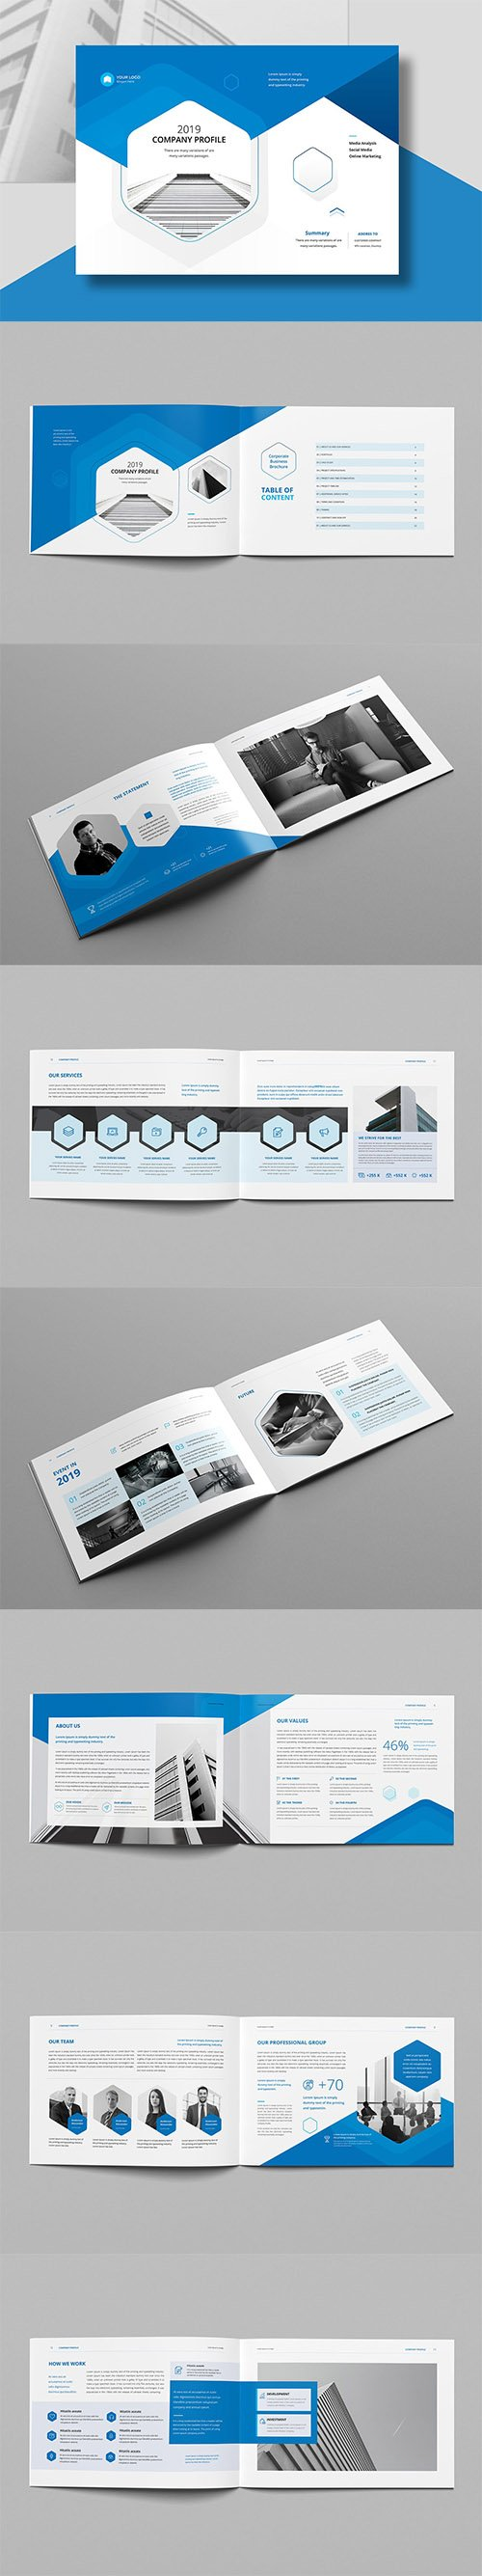 Company Profile Landscape A4 INDD